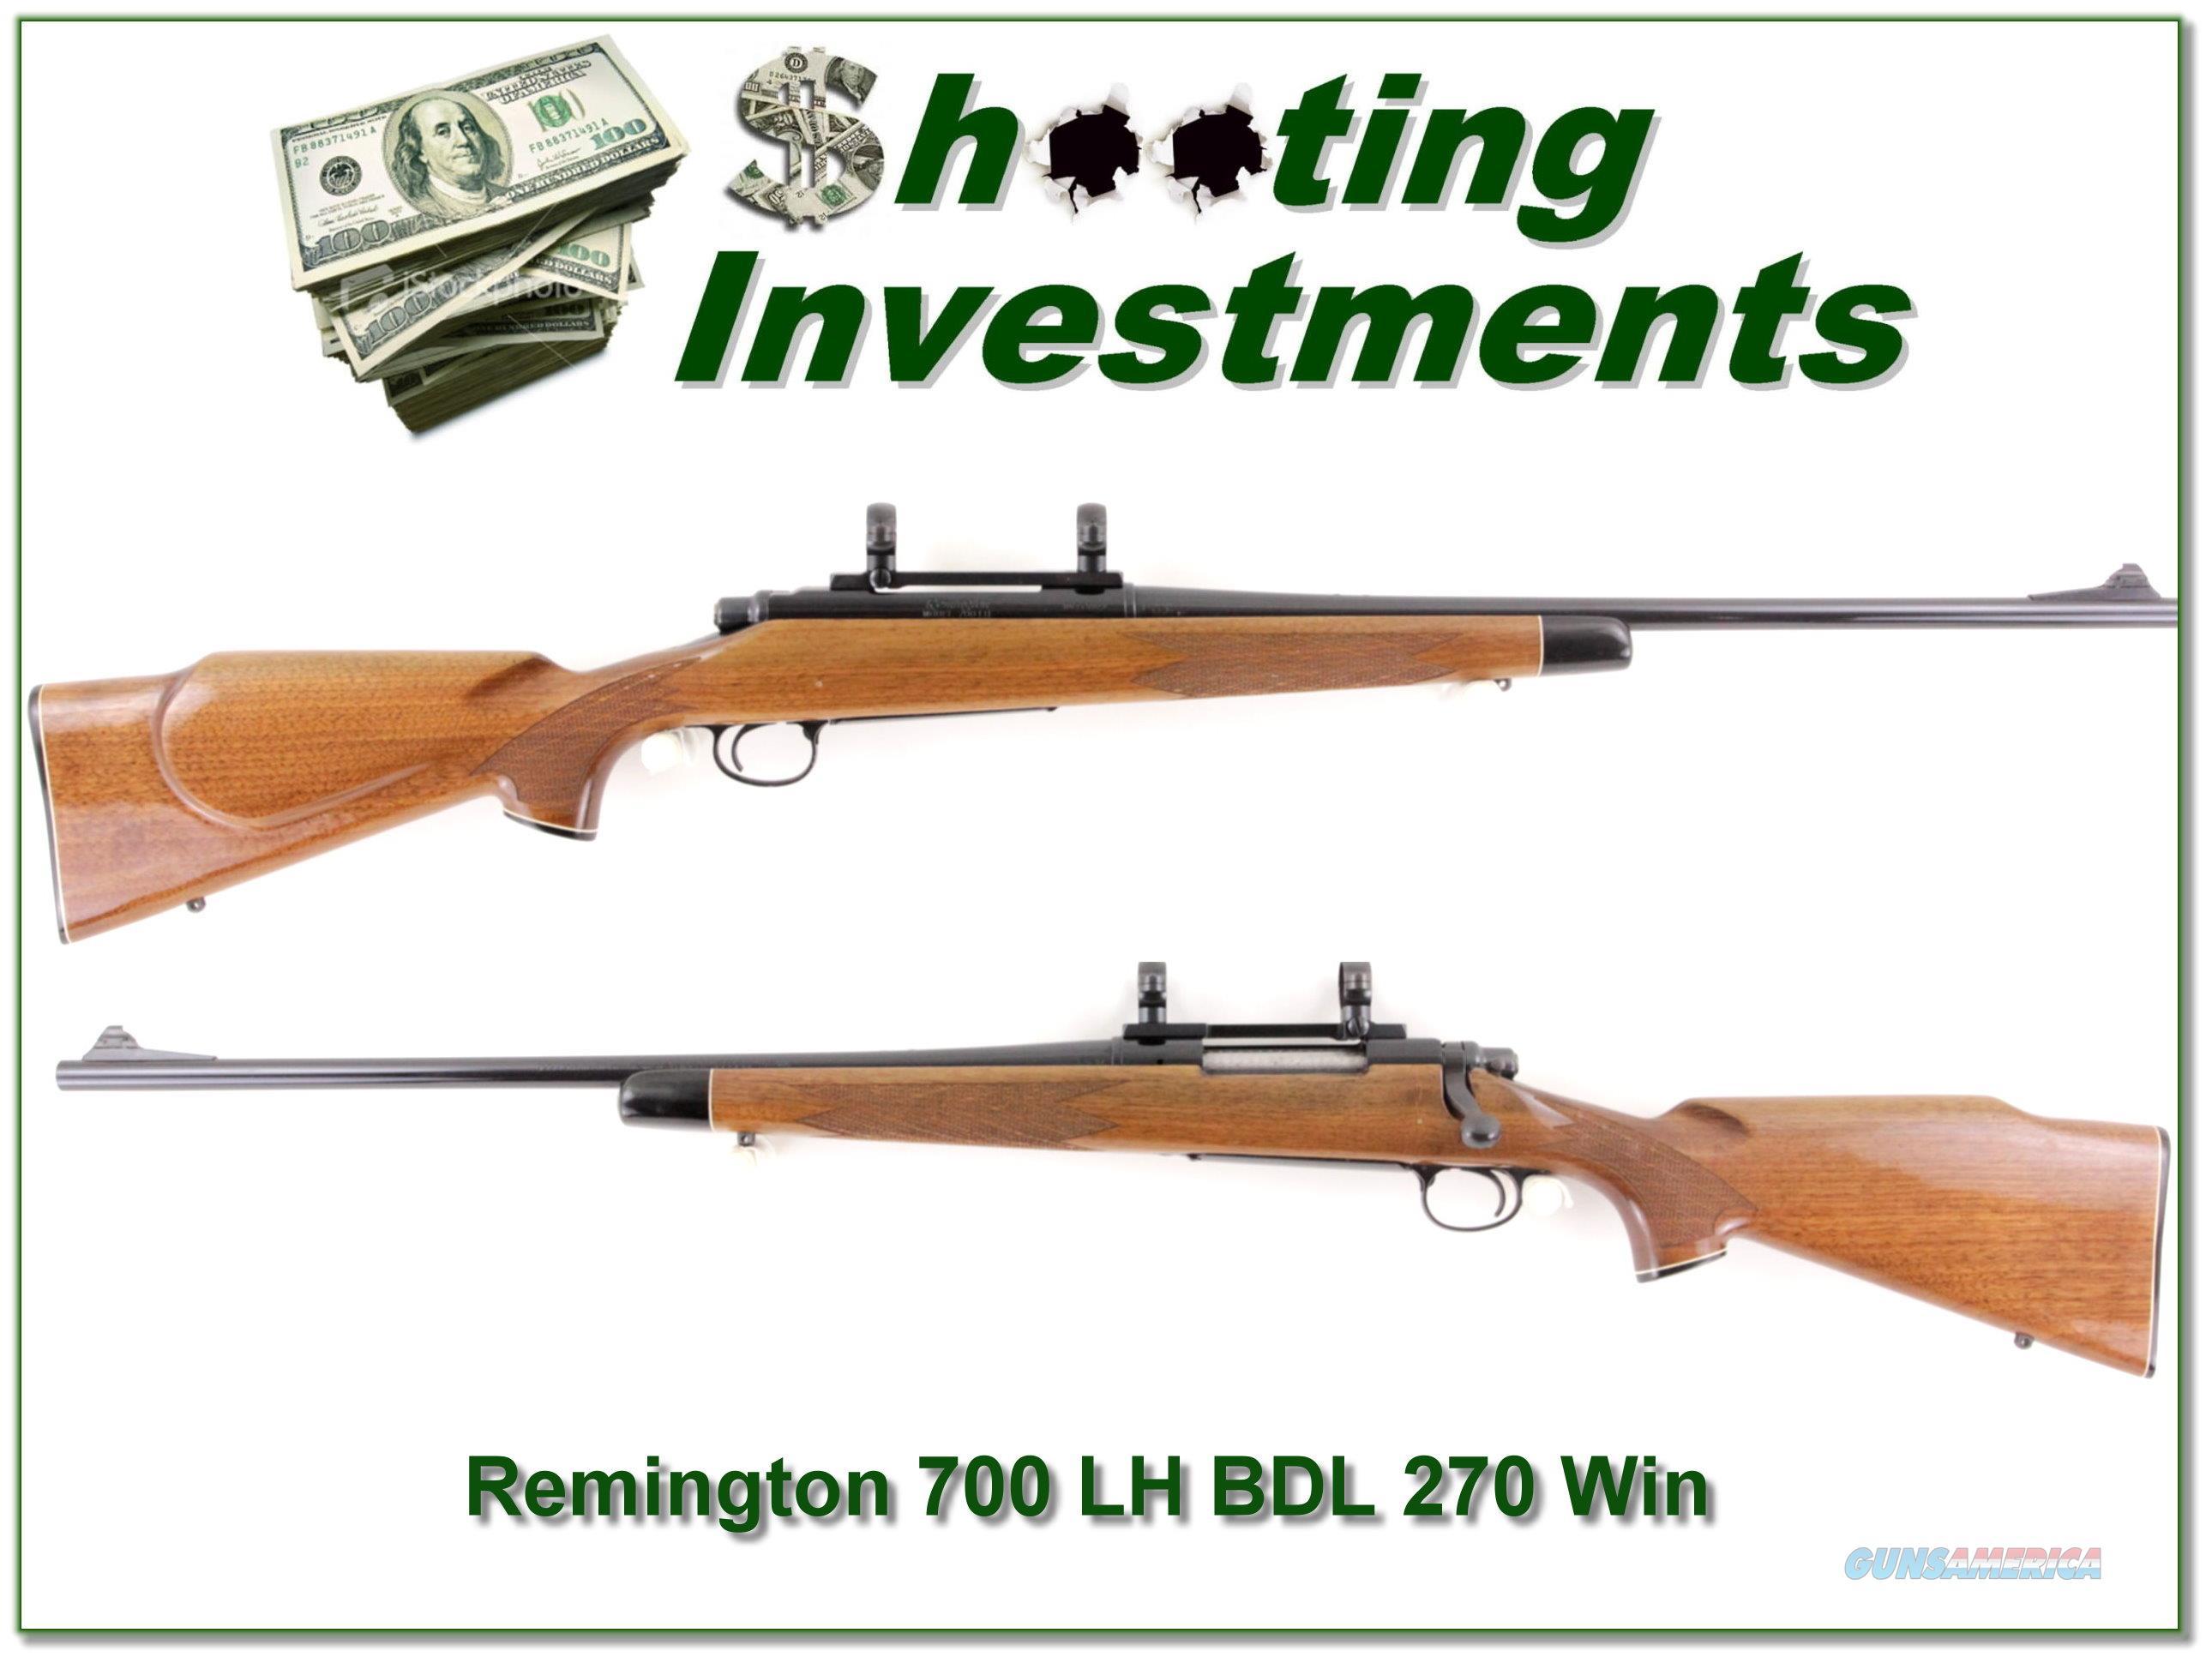 Remington 700 LH BDL 270 Win